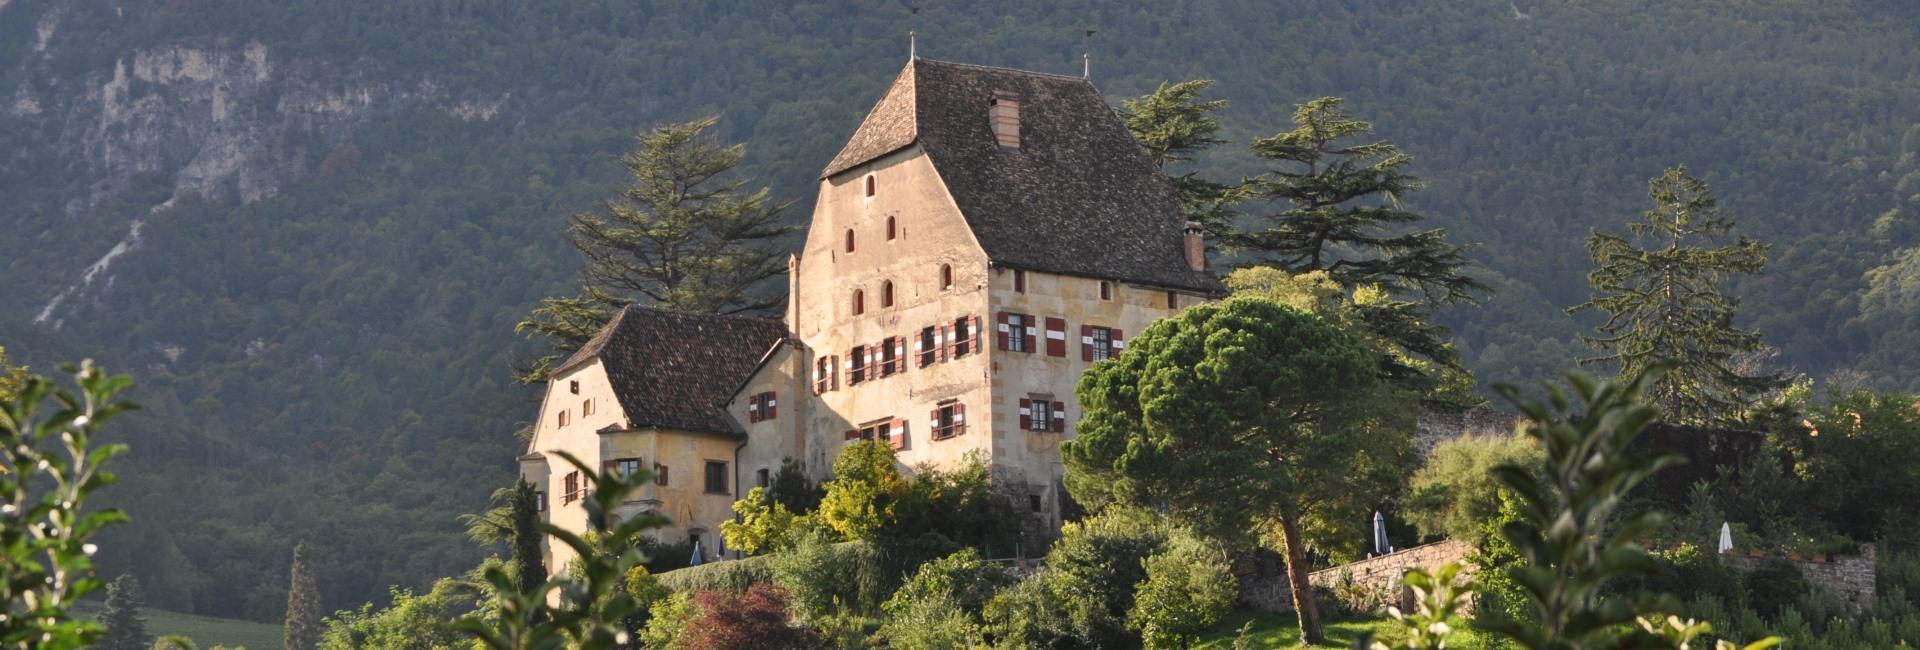 Englar Castle & Wine estate